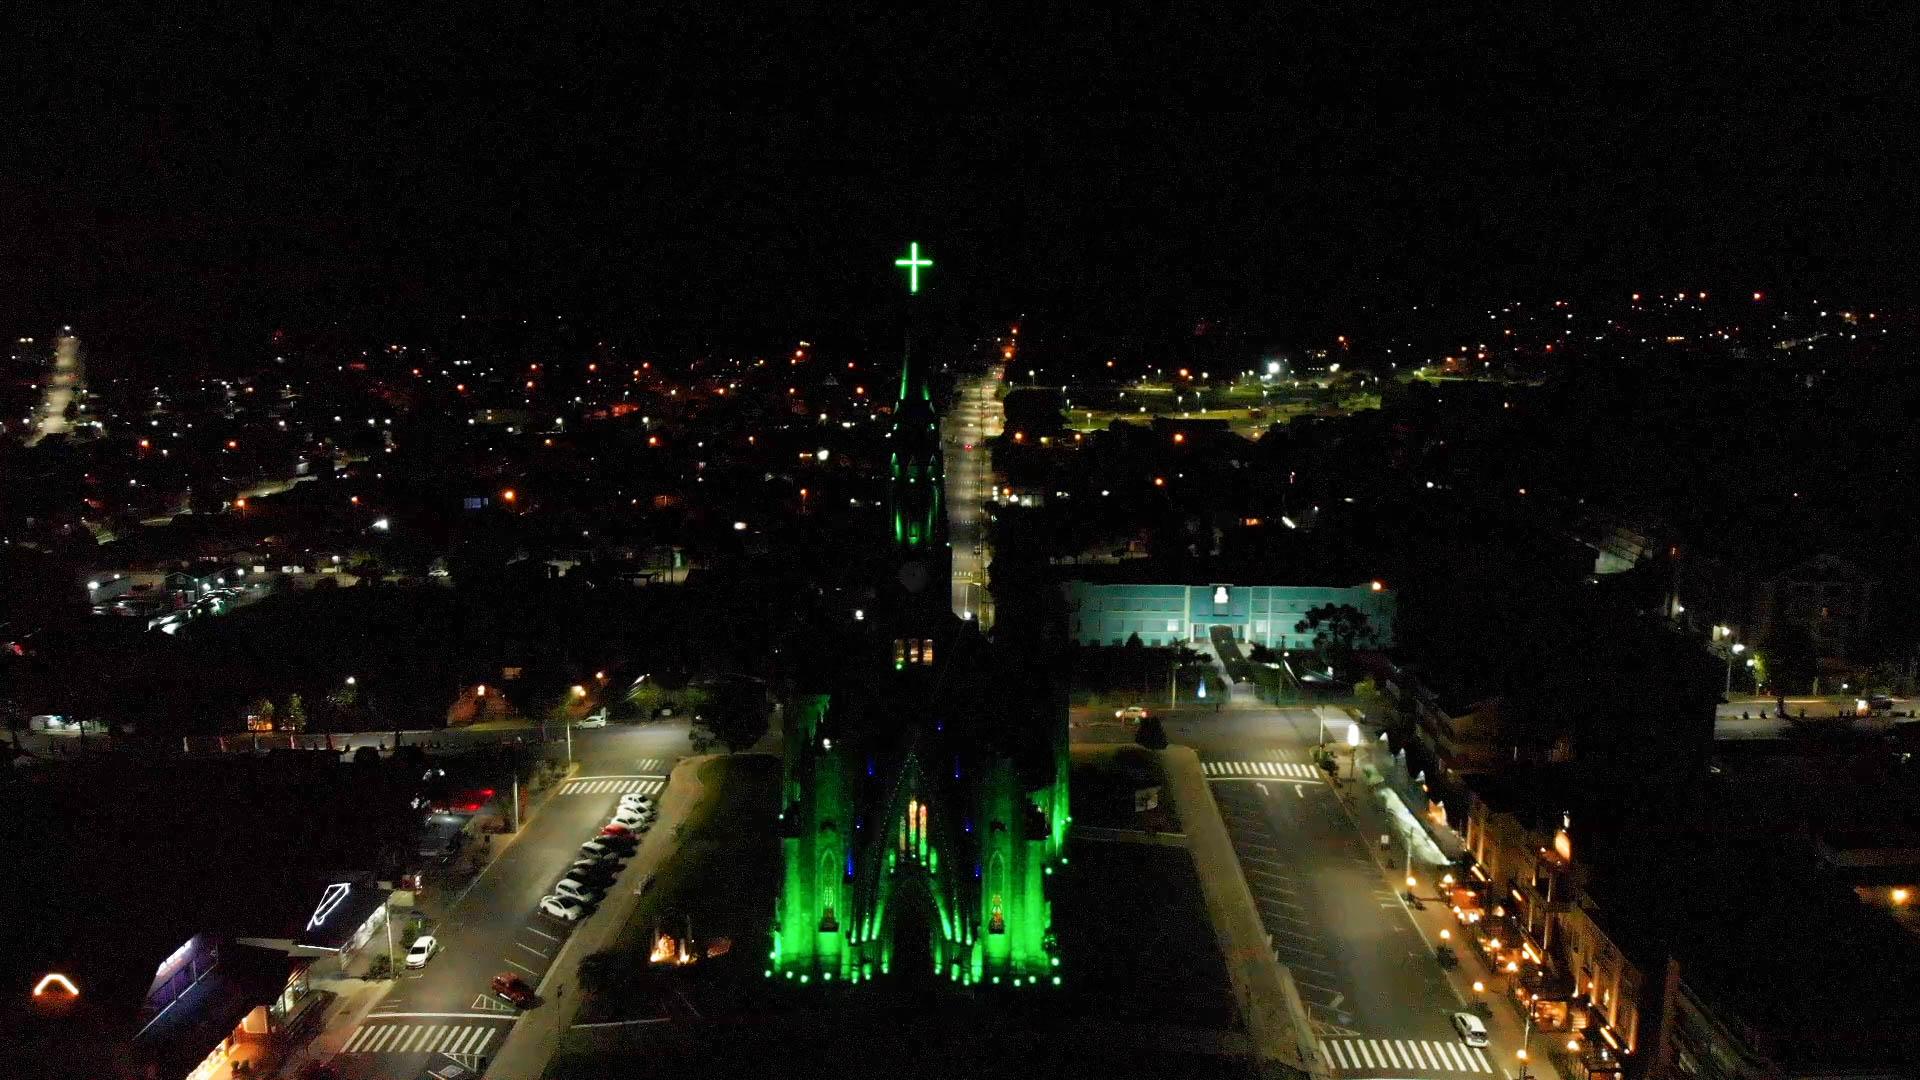 Catedral de Pedra ganha iluminação verde para homenagear profissionais da saúde